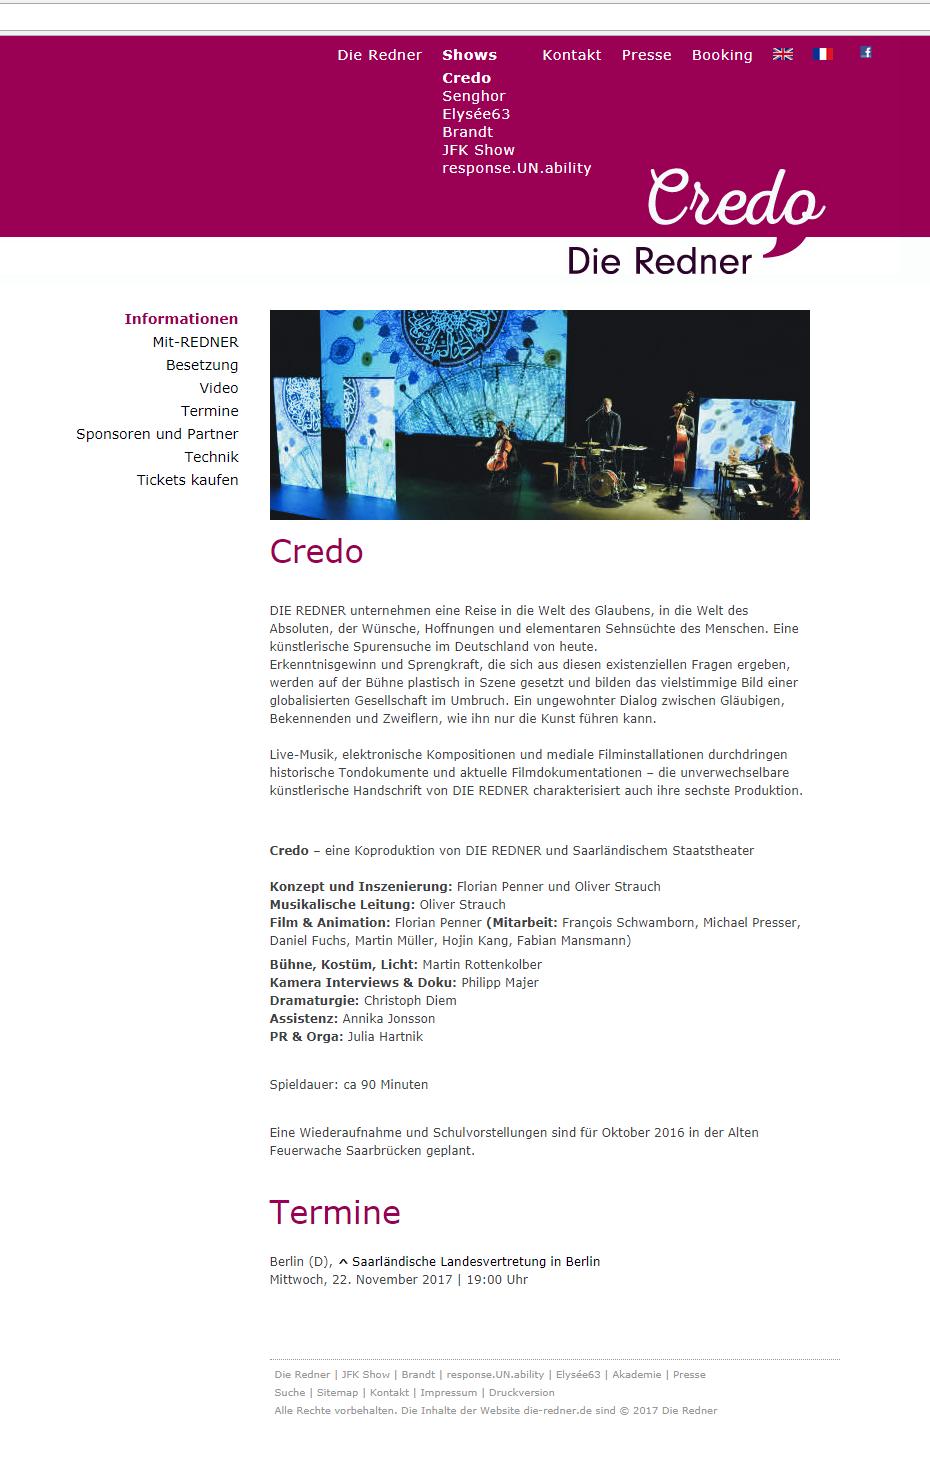 16_Projektwebsite_Credo.png